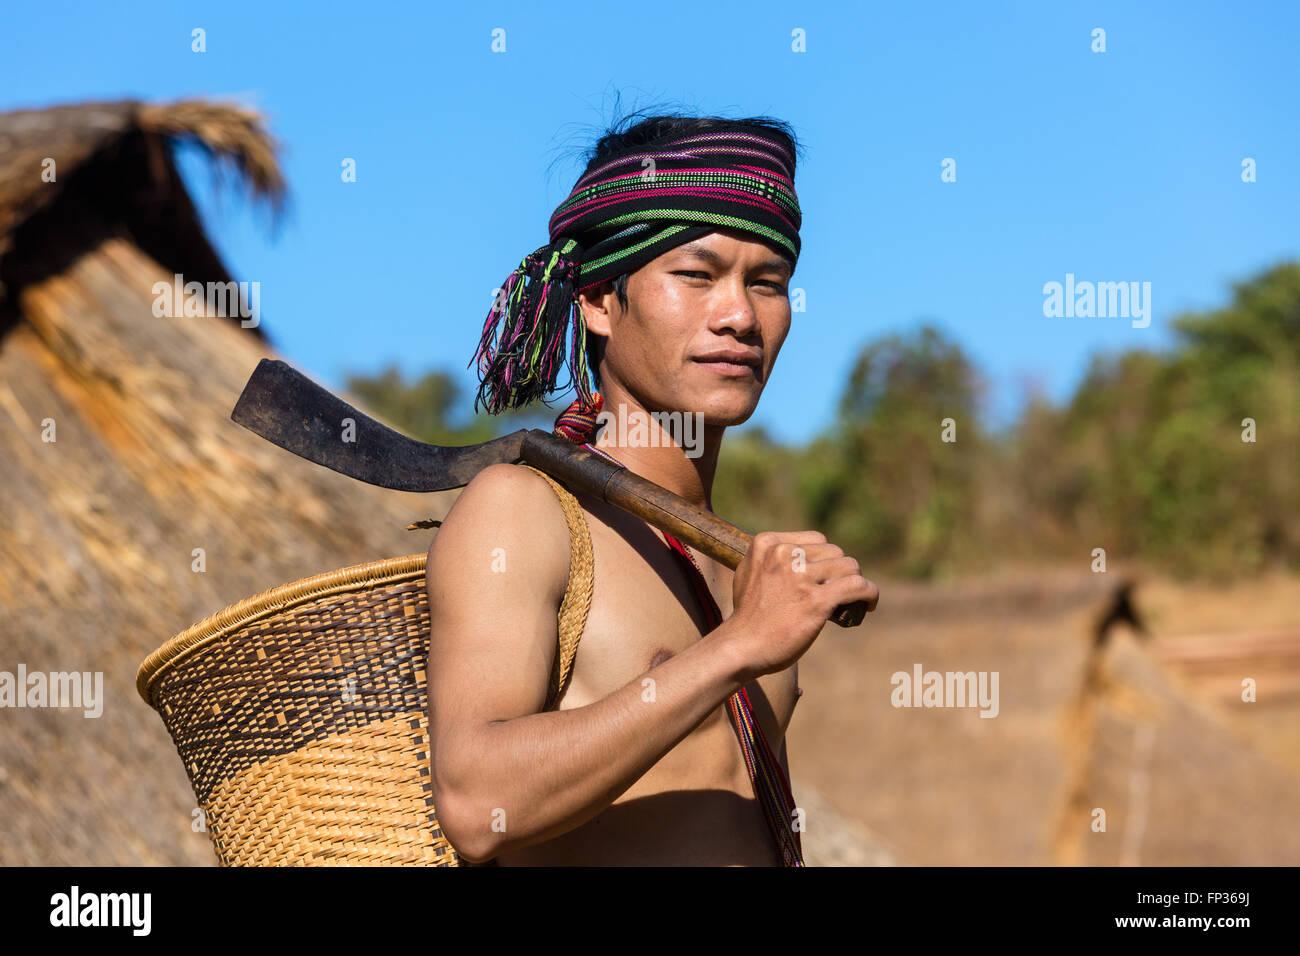 Uomo in abito tradizionale, minoranza etnica, essi Pnong, Bunong, Senmonorom, Sen Monorom, zone di Mondulkiri Provincia, Immagini Stock